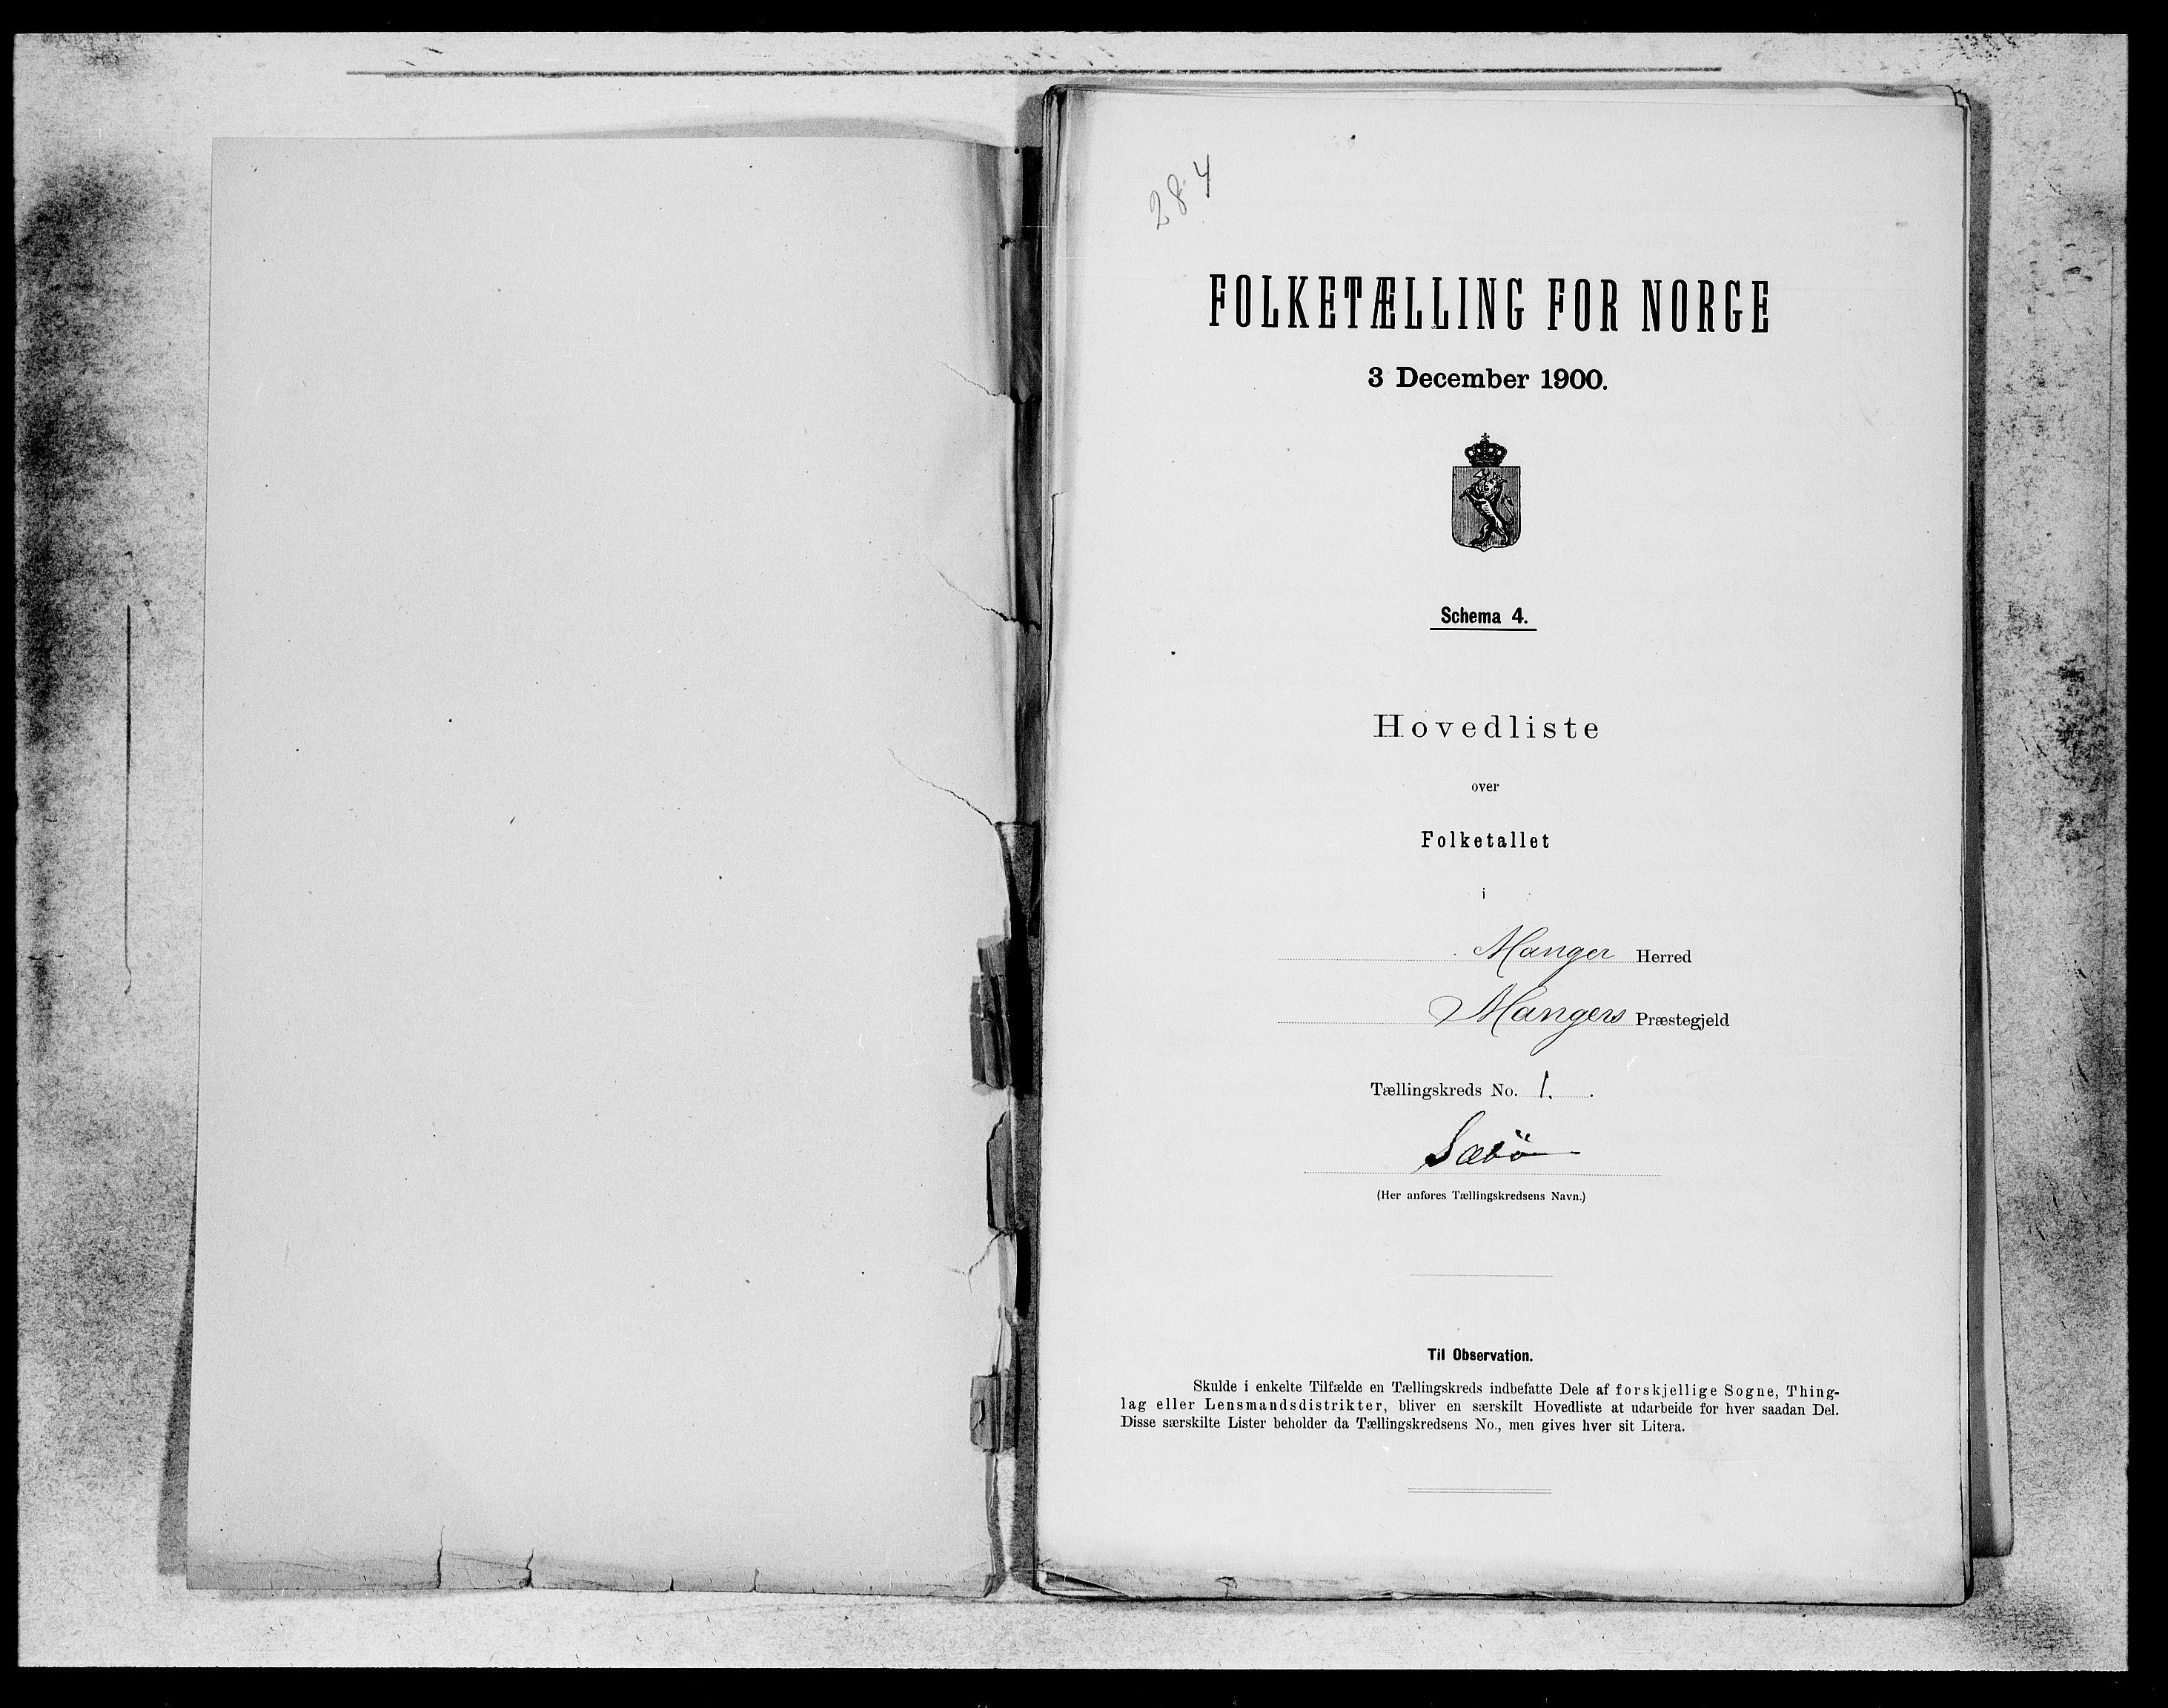 SAB, Folketelling 1900 for 1261 Manger herred, 1900, s. 1